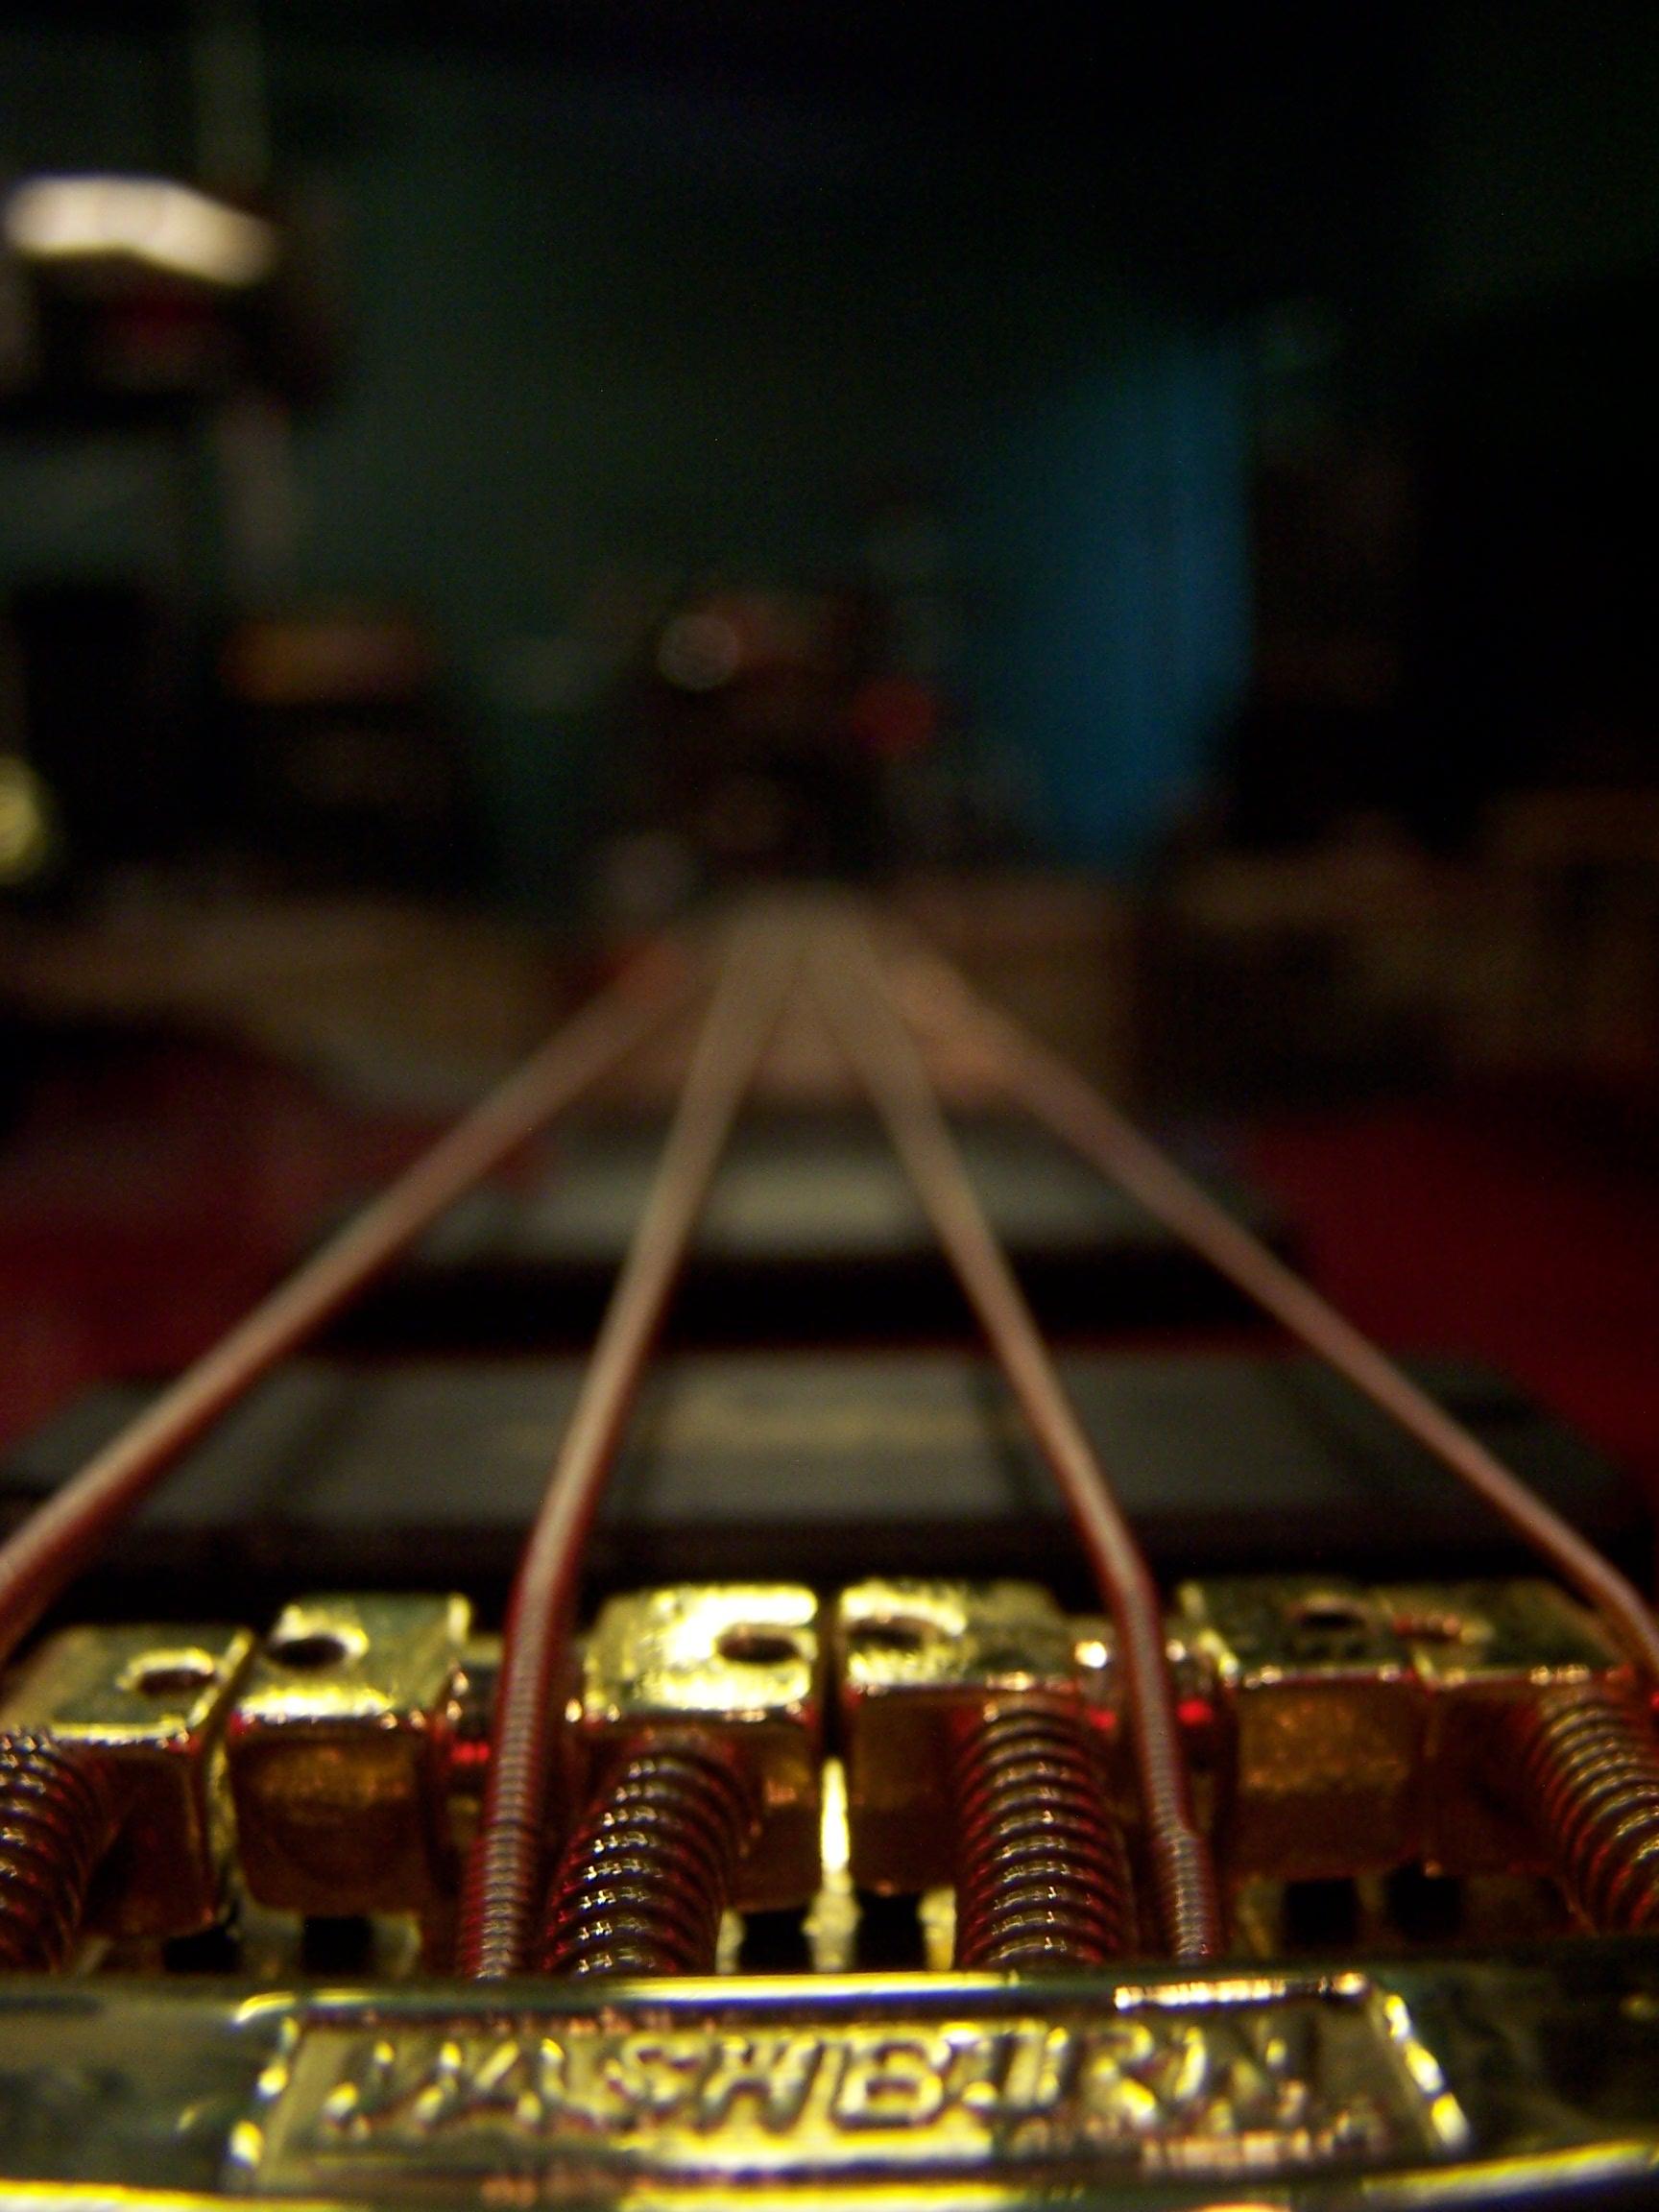 guitarstrings1255.jpg - Guitar Strings and bridge